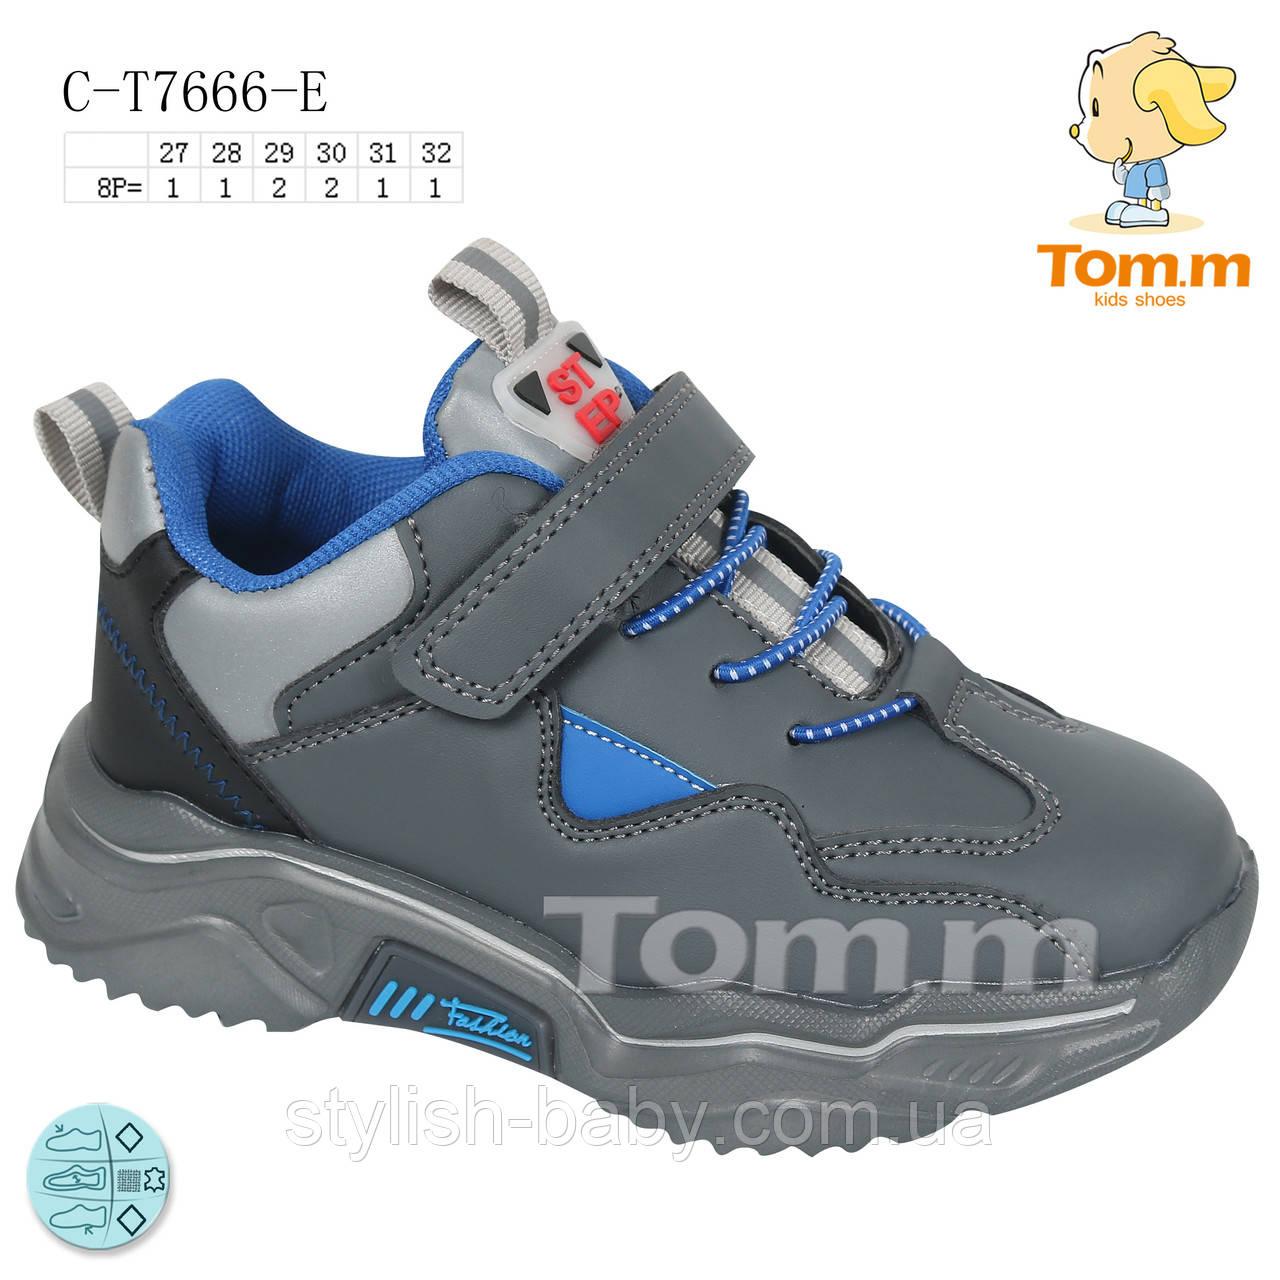 Детская обувь 2020 оптом. Детская спортивная обувь бренда Tom.m для мальчиков (рр. с 27 по 32)